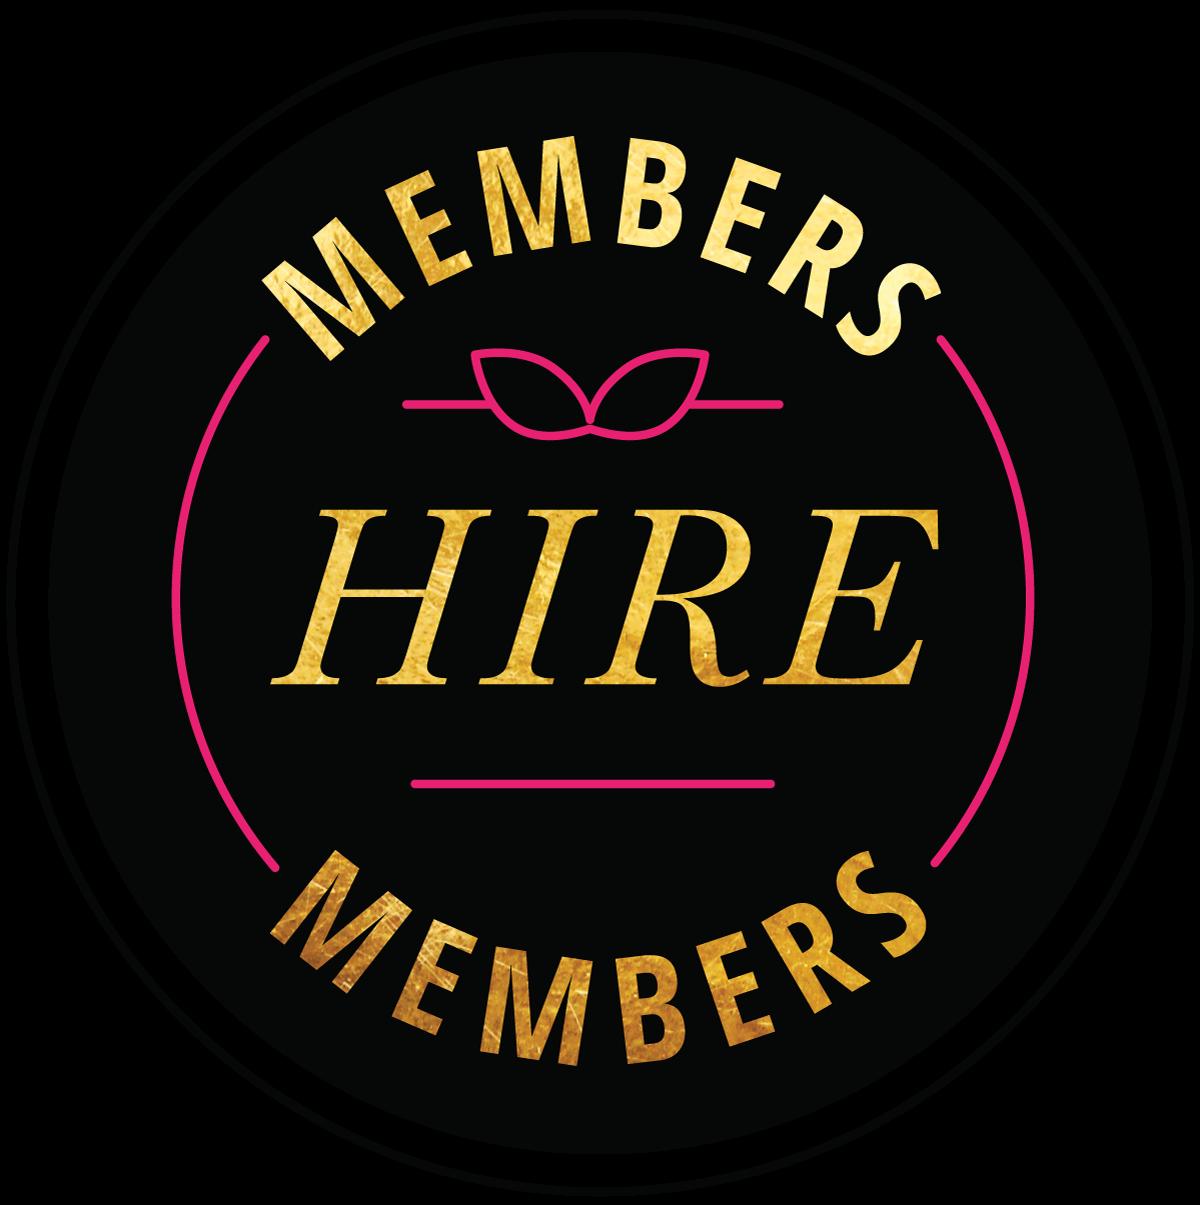 Members-Hire-Members-Badge.png